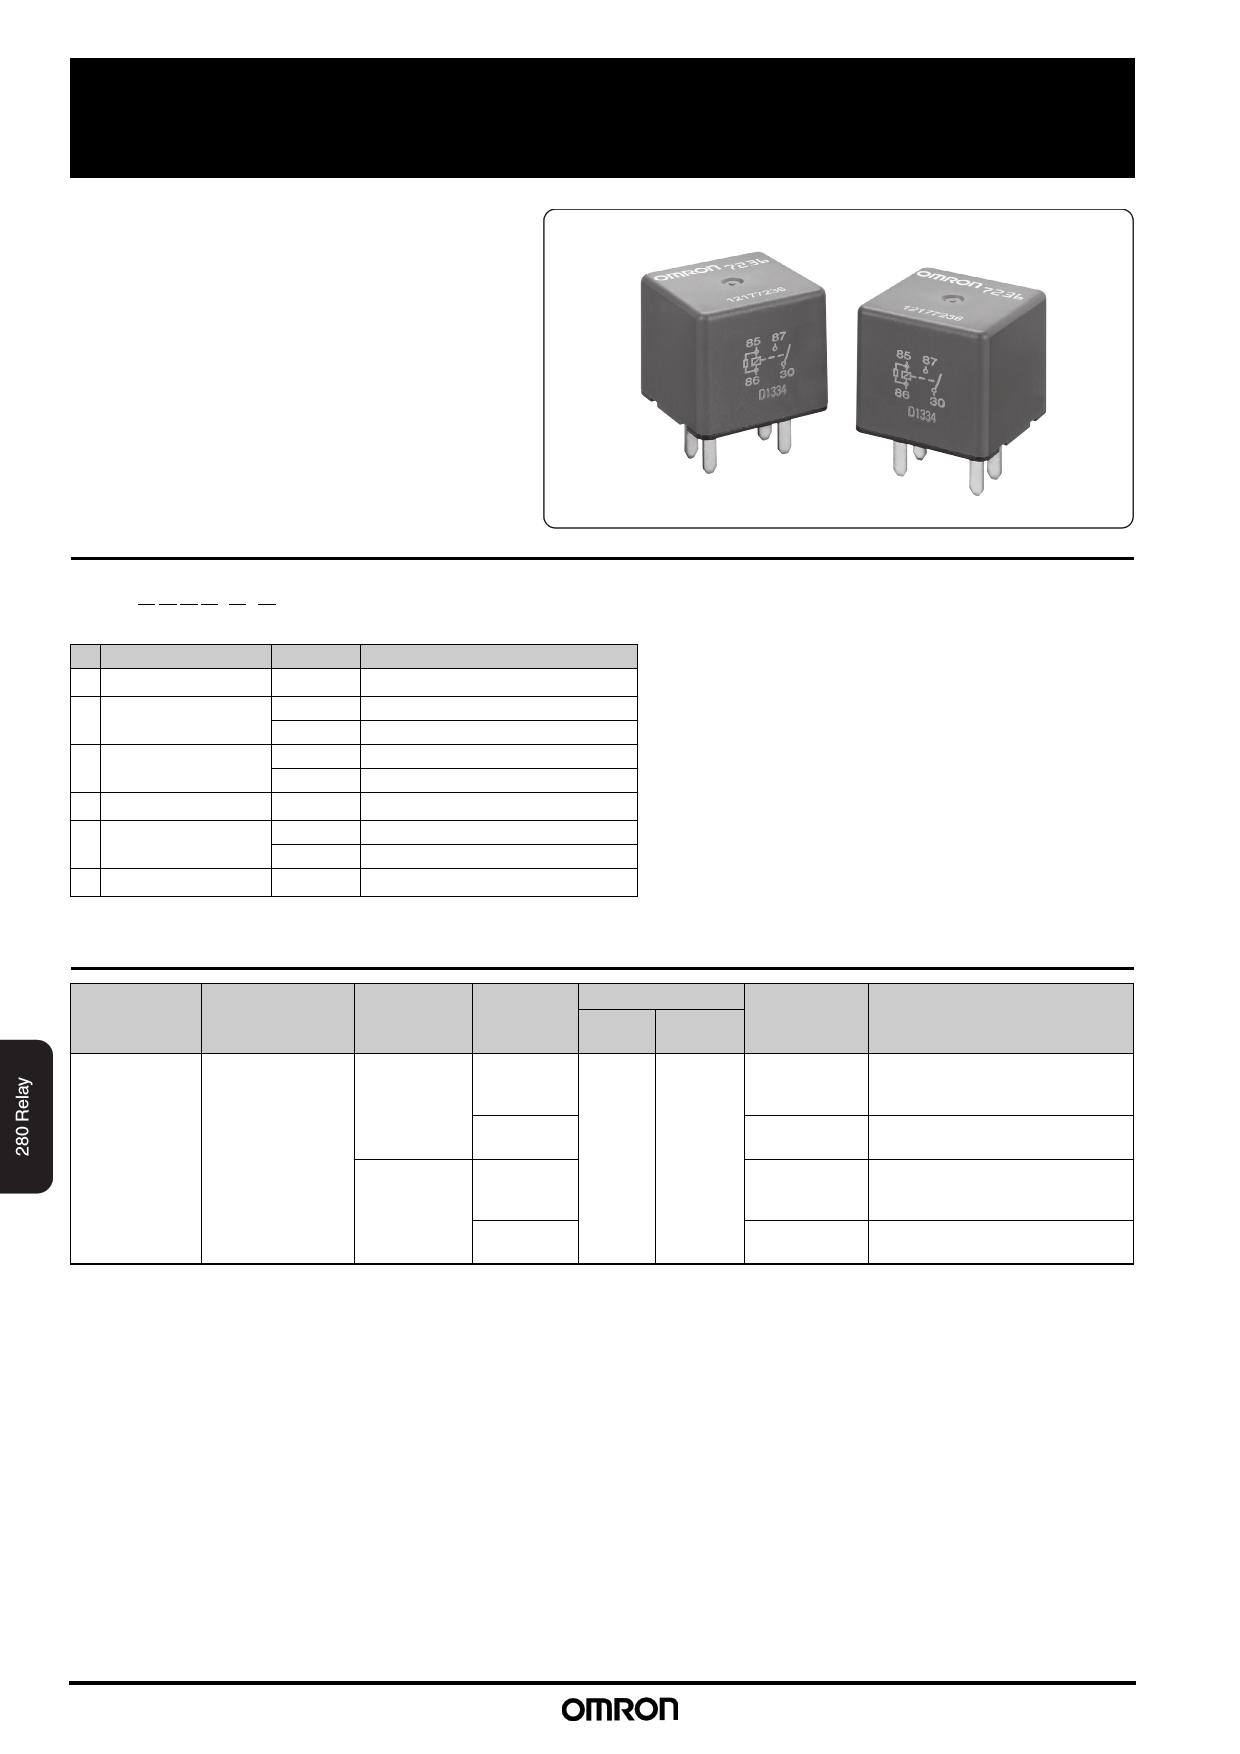 G8W-1A7T-R Datasheet, G8W-1A7T-R PDF,ピン配置, 機能